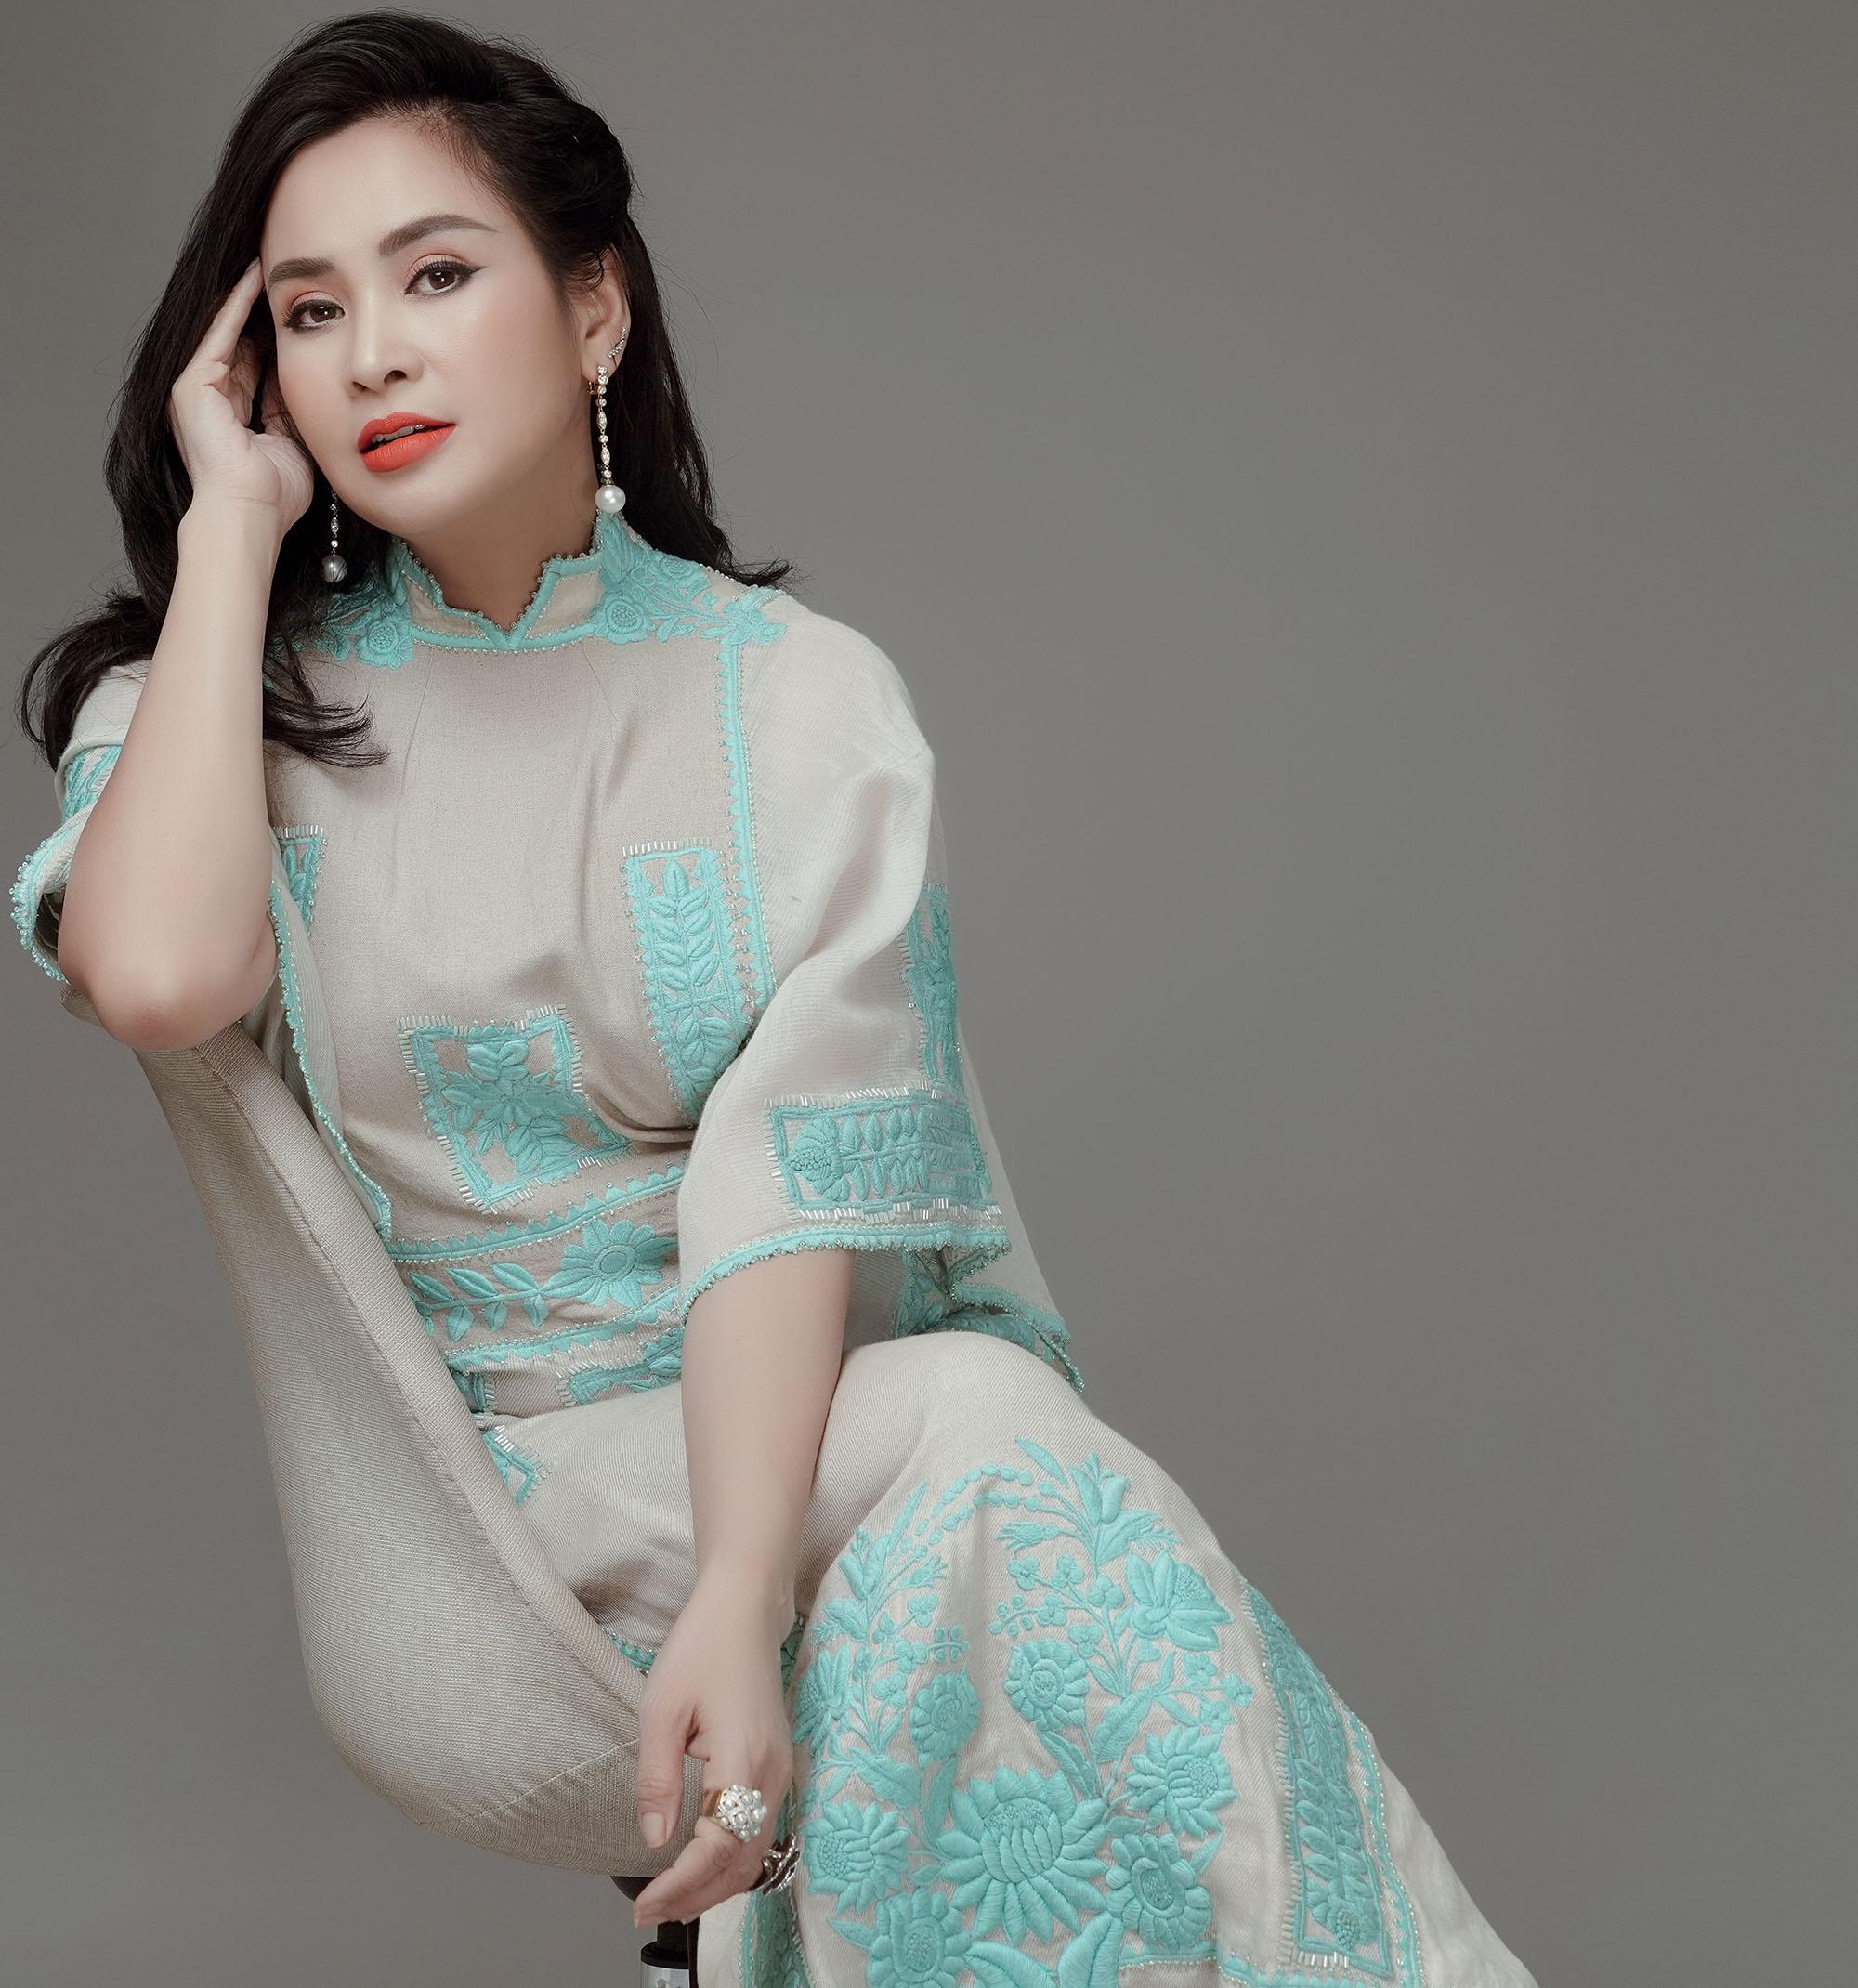 phụ nữ Thanh Lam mặc đầm xanh ngồi trên ghế